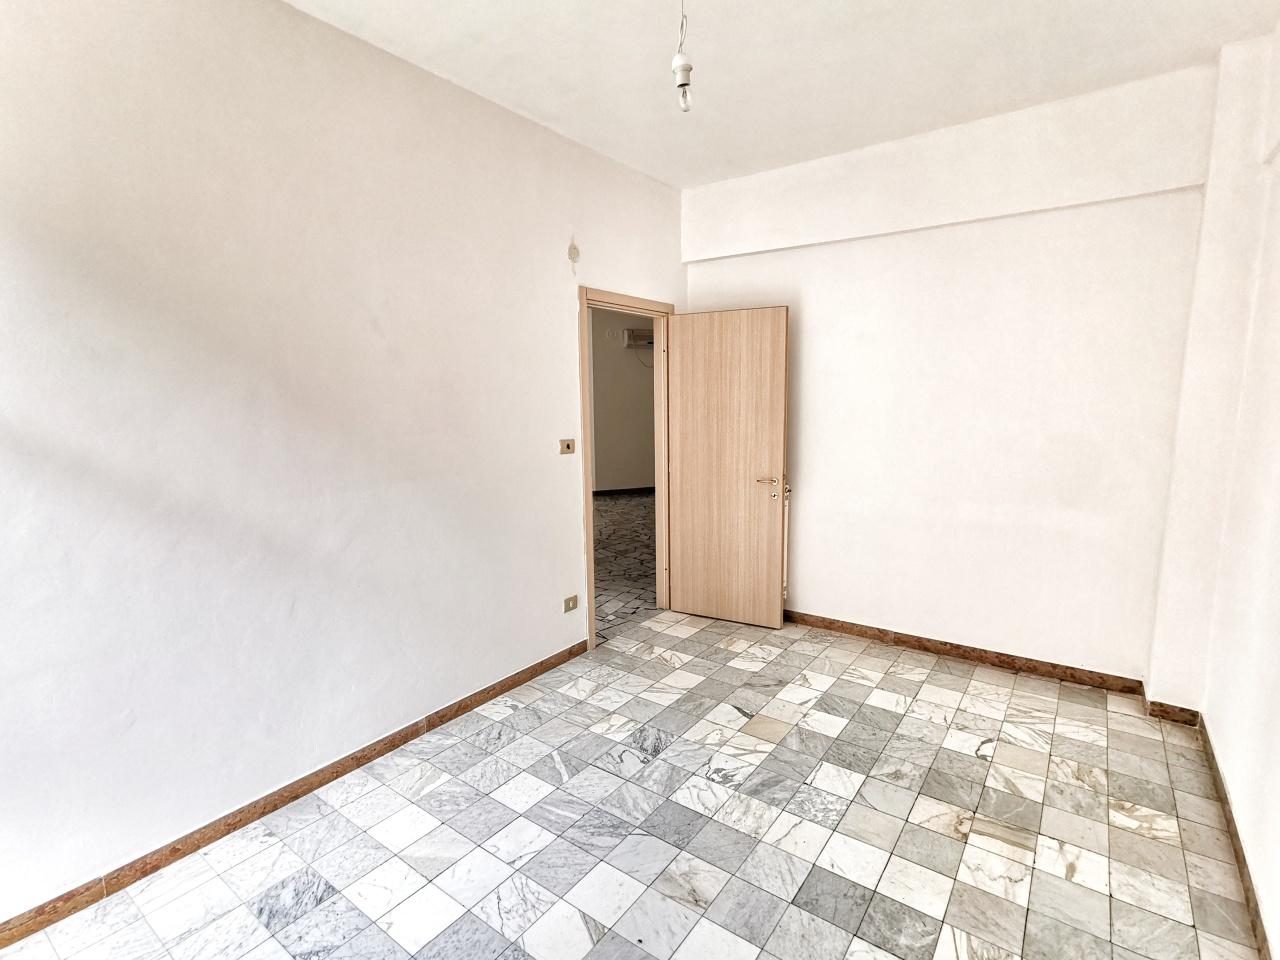 Appartamento in vendita a Albisola Superiore, 4 locali, prezzo € 170.000 | PortaleAgenzieImmobiliari.it